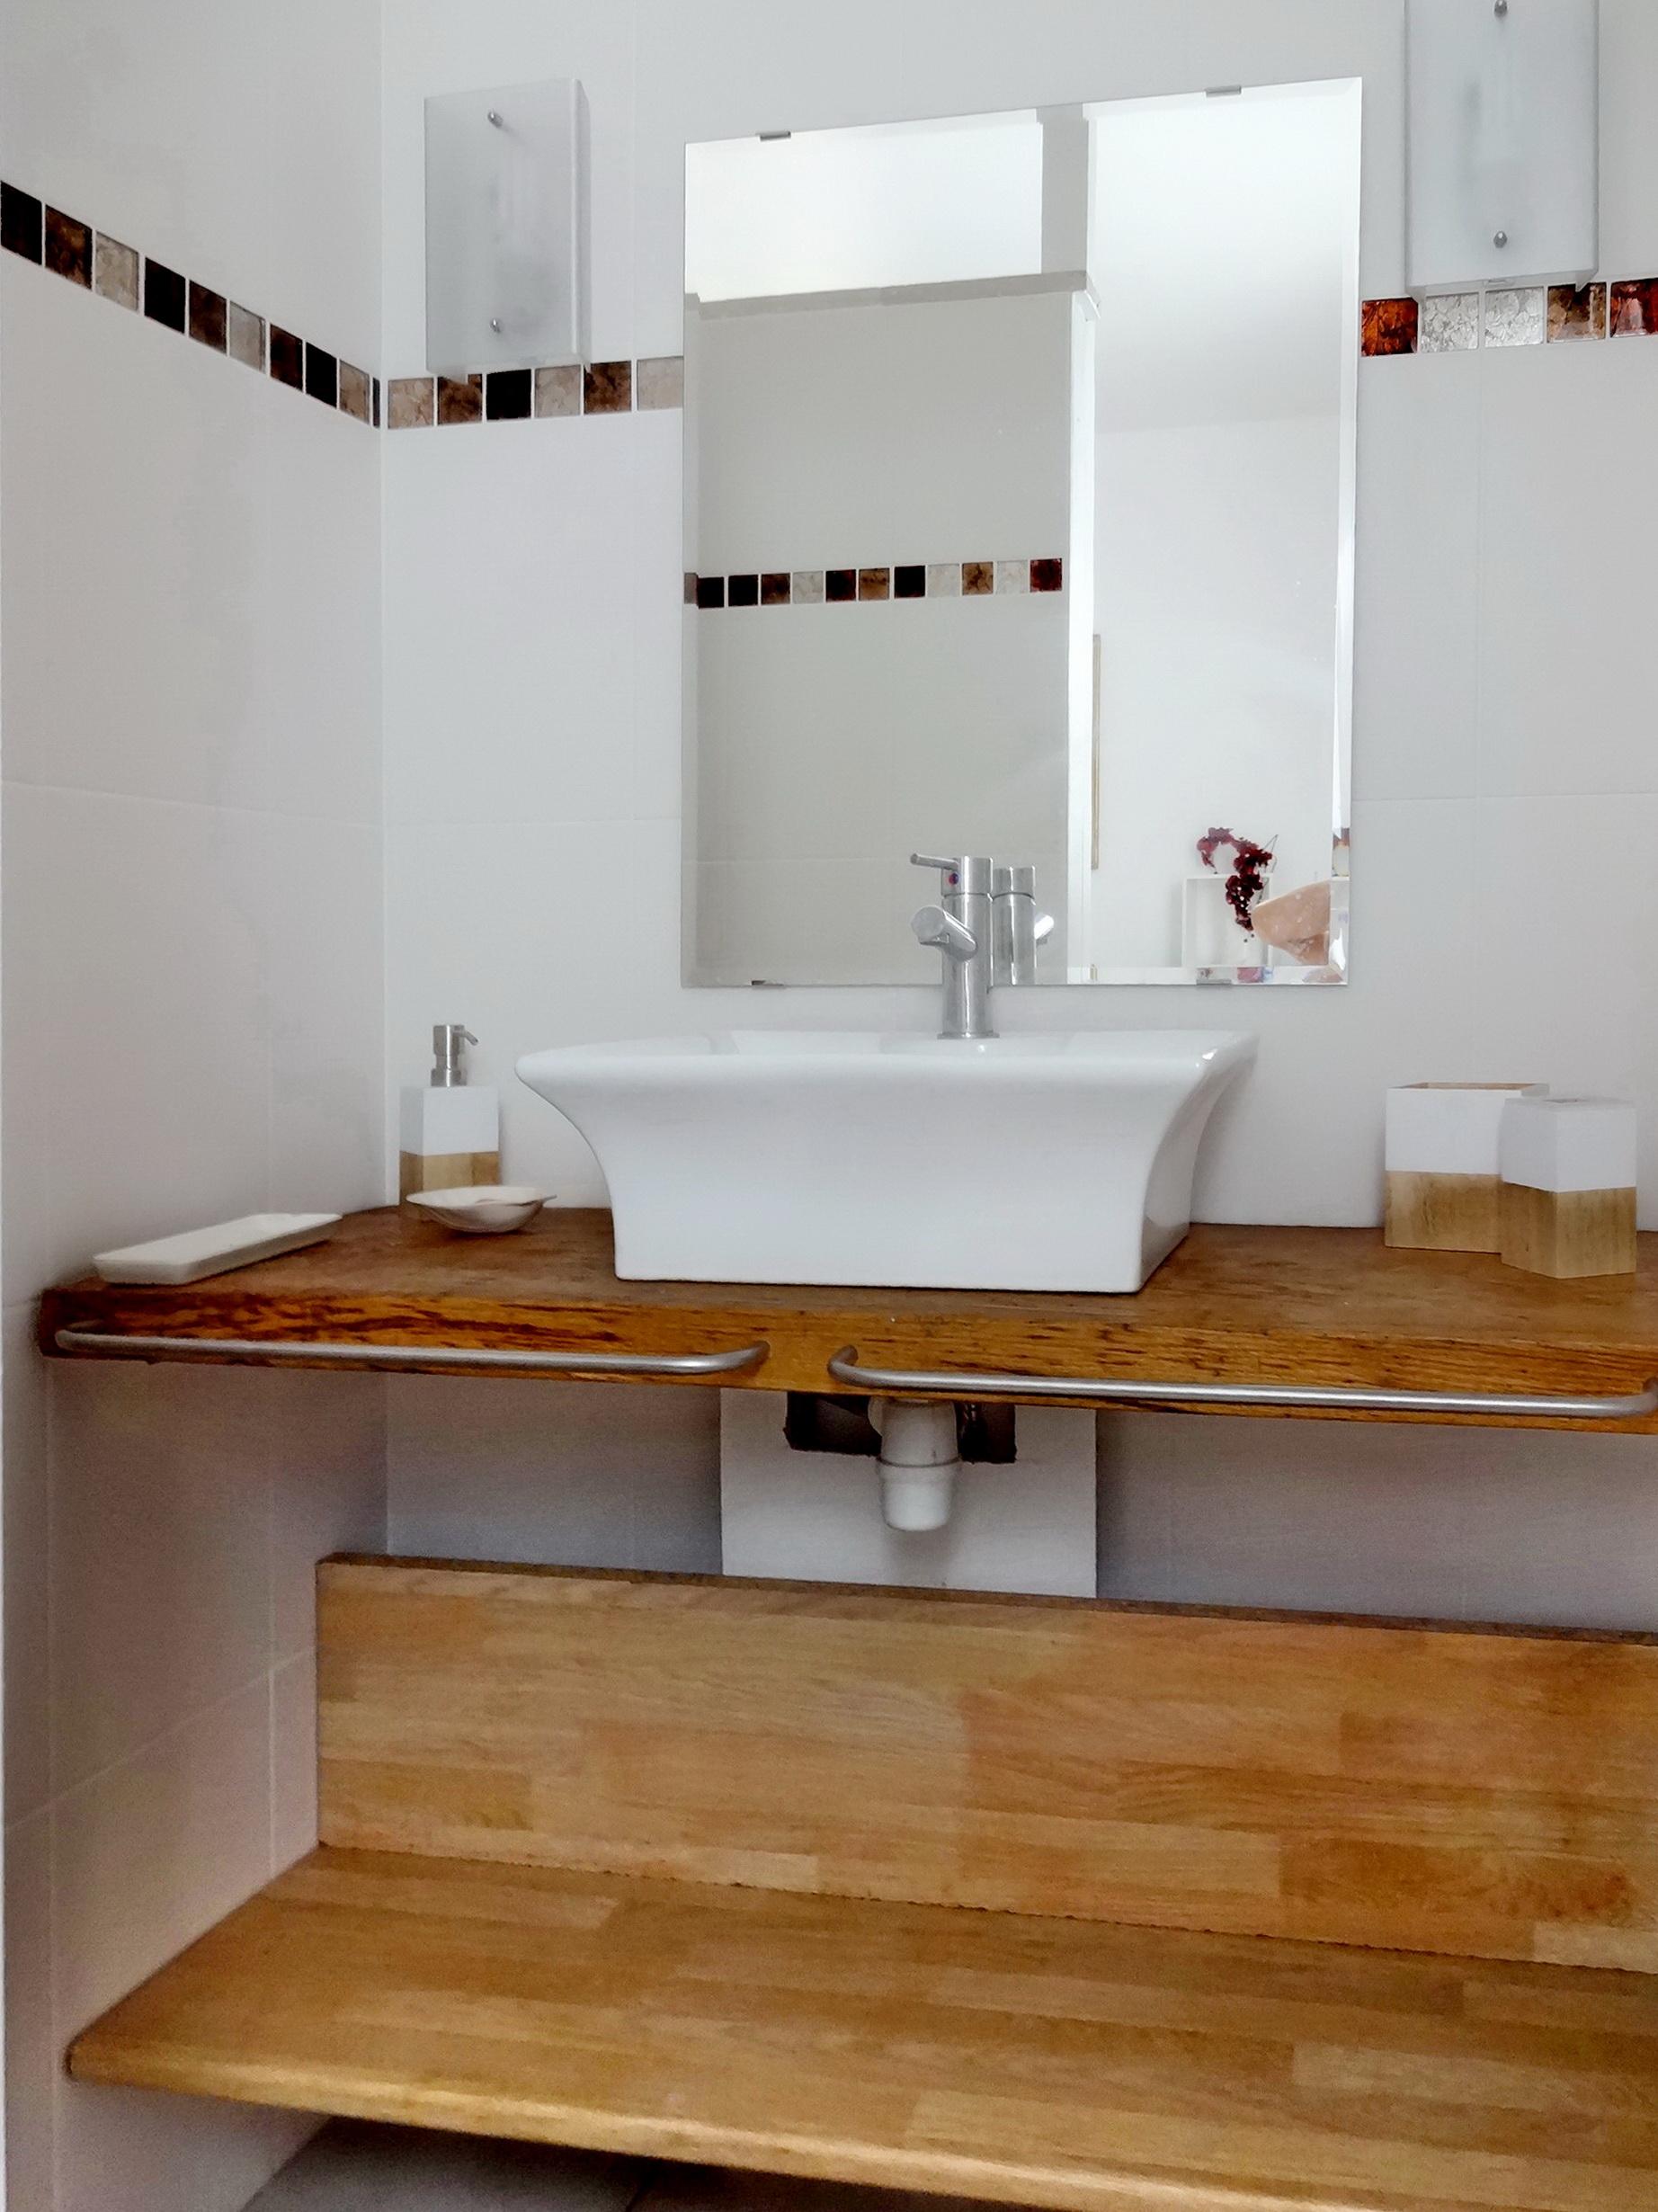 Chambres et salles de bain domaine de l 39 avance for Chambre et salle de bain